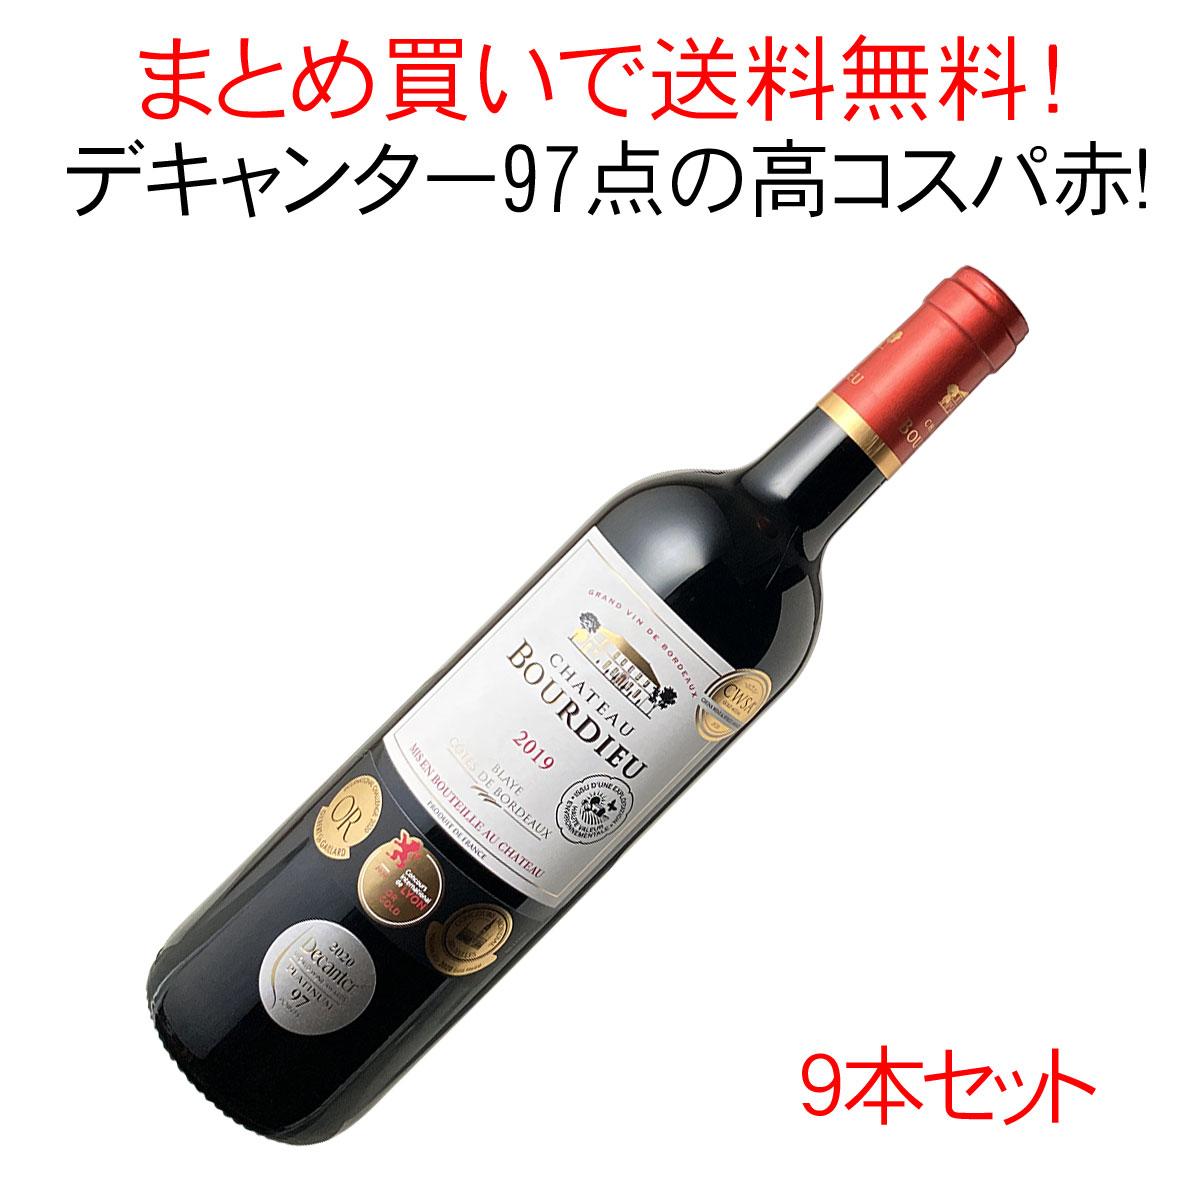 【送料無料】シャトー・ブルデュー [2019] 1ケース9本セット <ワイン/ボルドー>